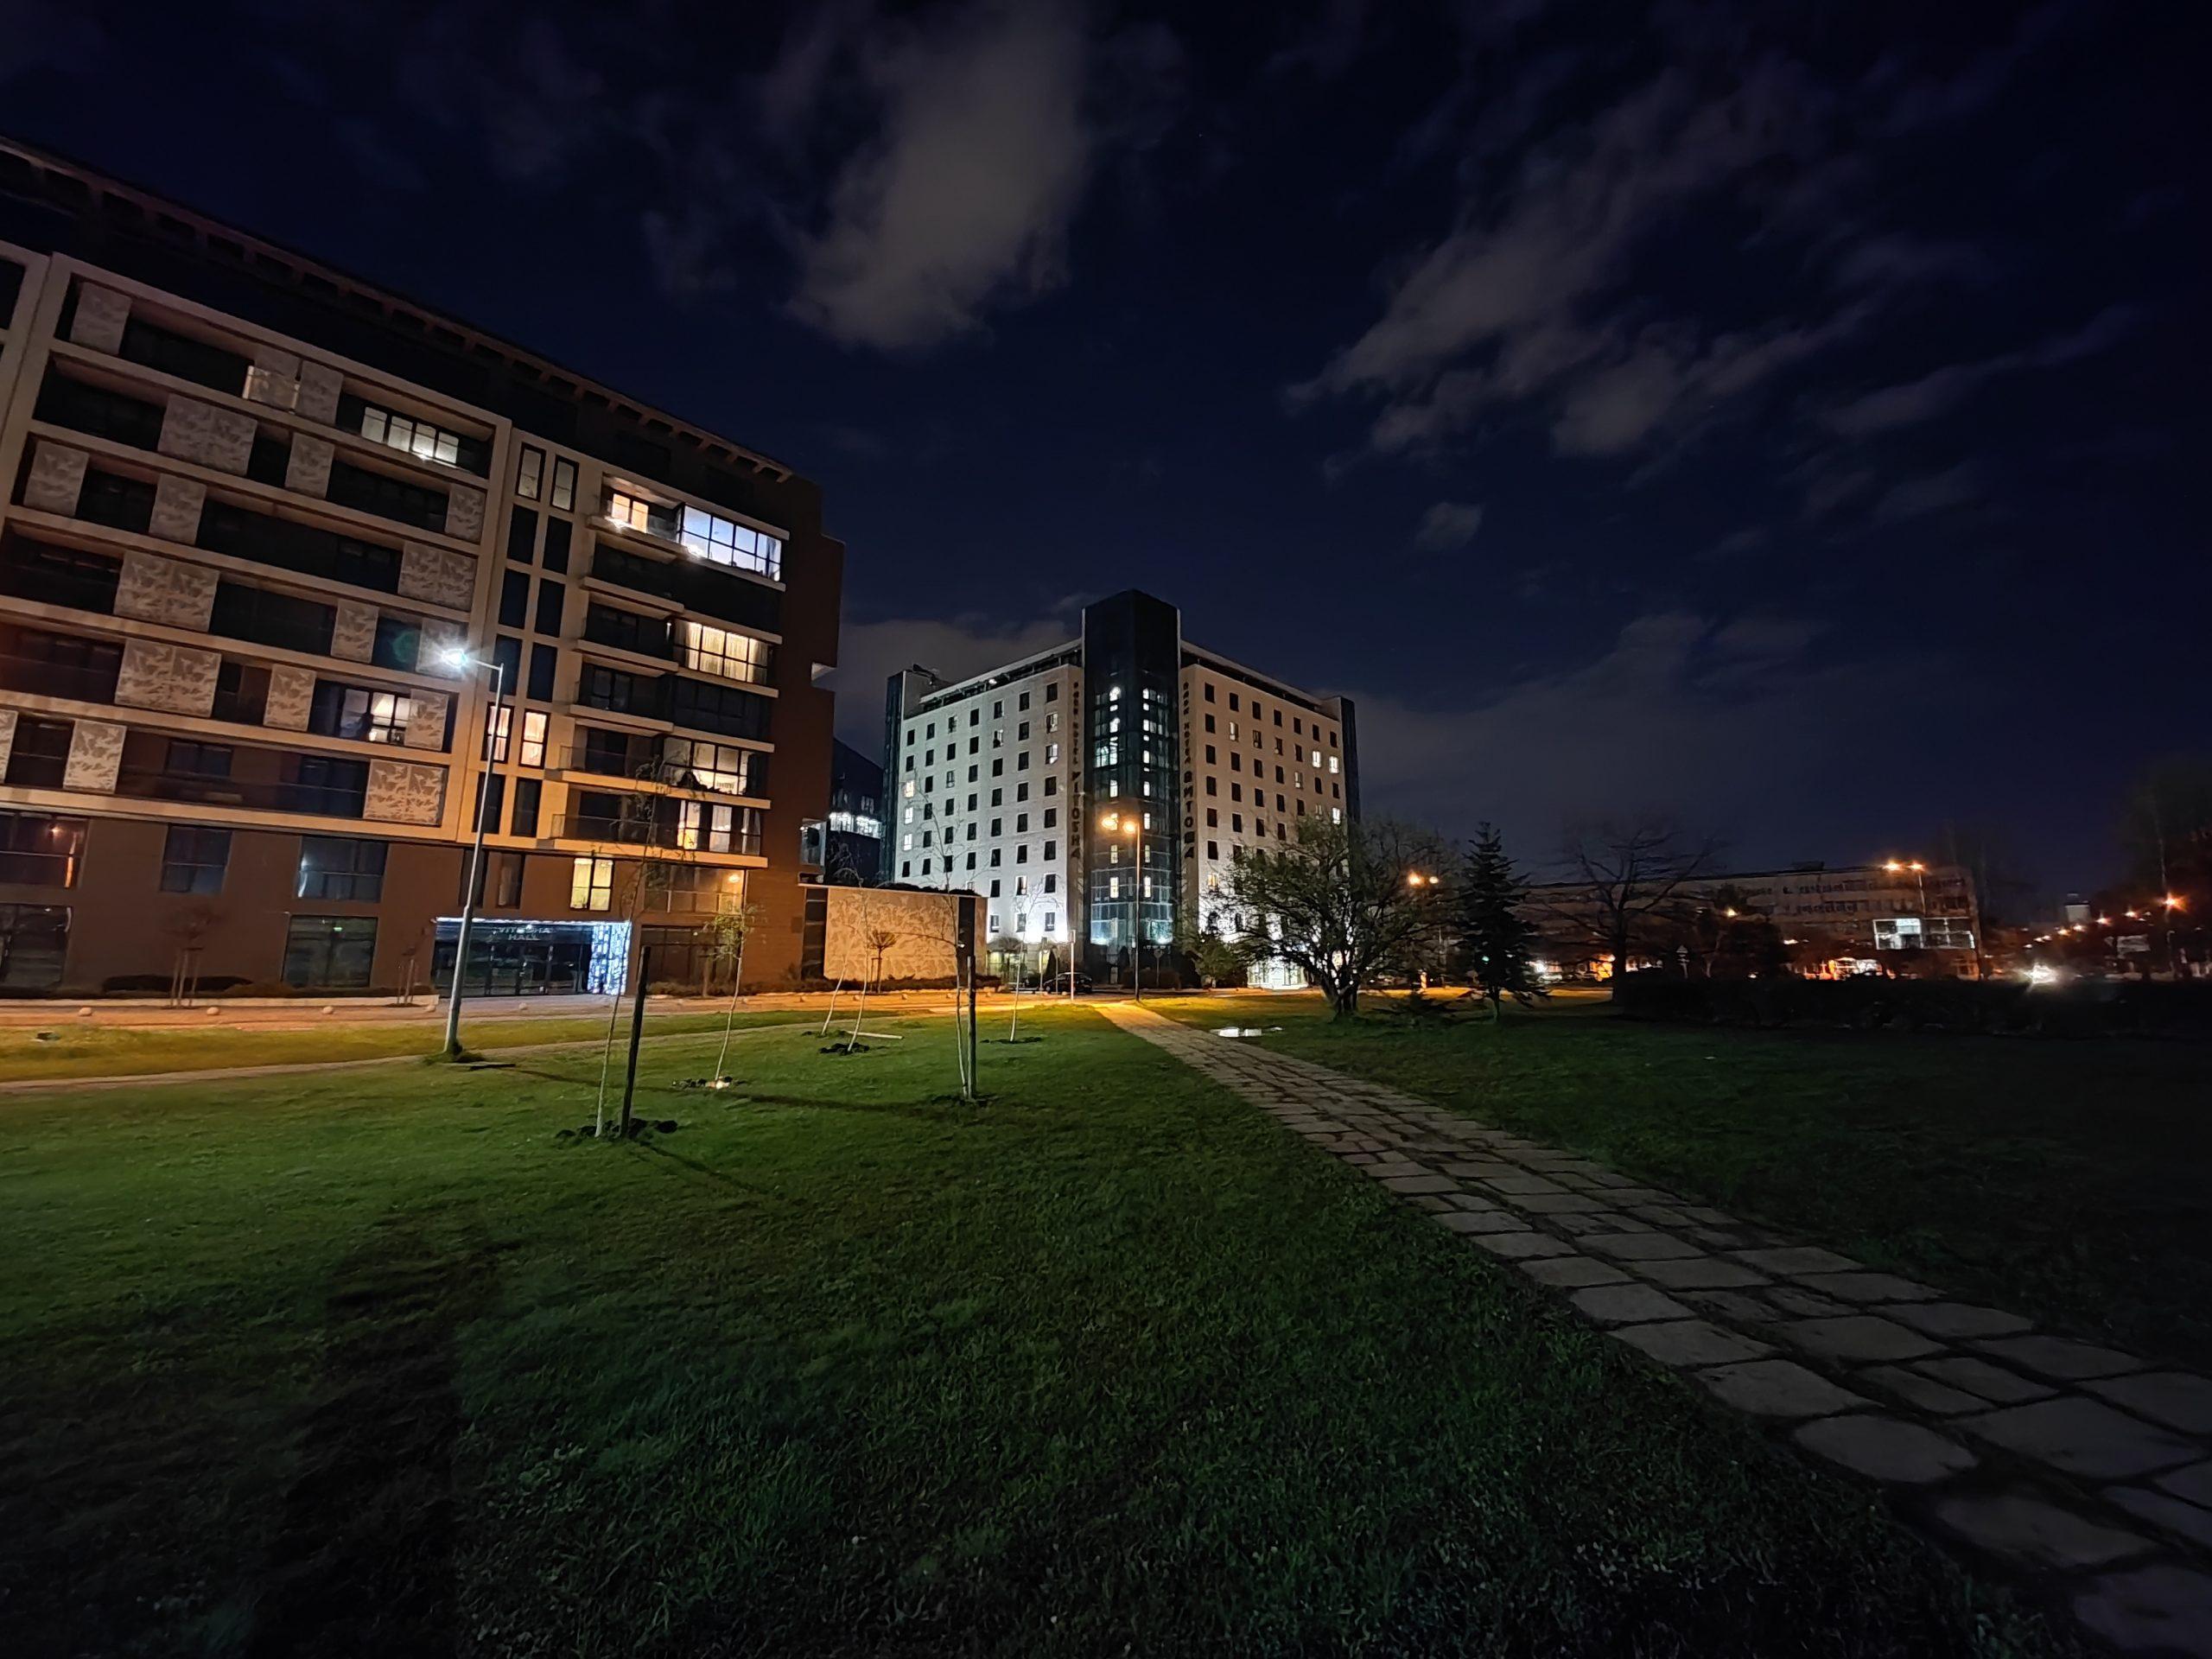 دوربین فوق عریض می 11 اولترا در شب scaled